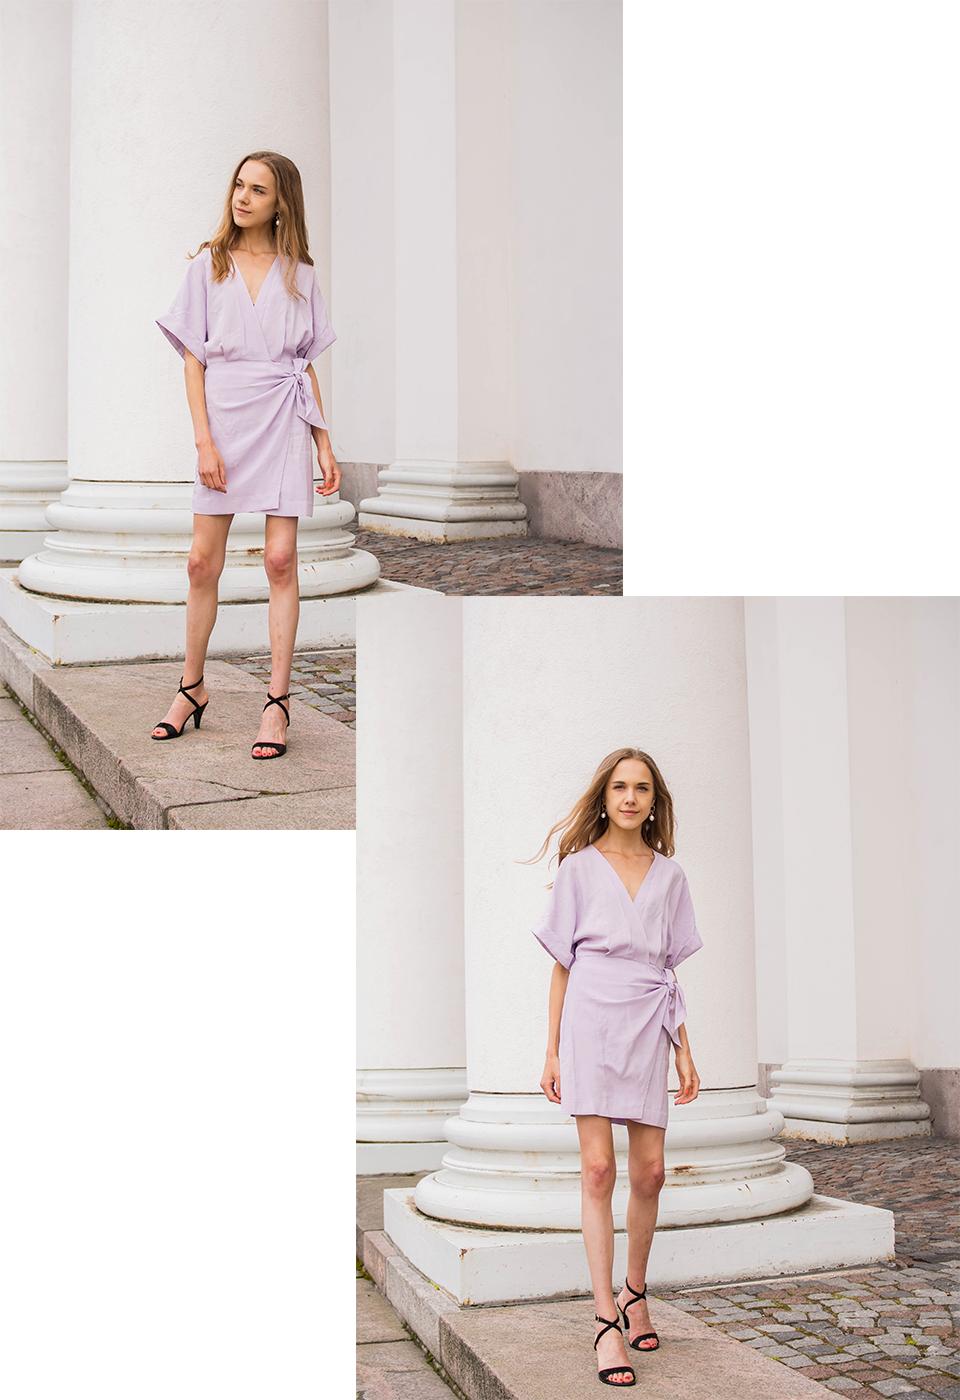 Summer trends 2020: lilac wrap dress - Kesämuoti 2020: vaaleanvioletti kietaisumekko